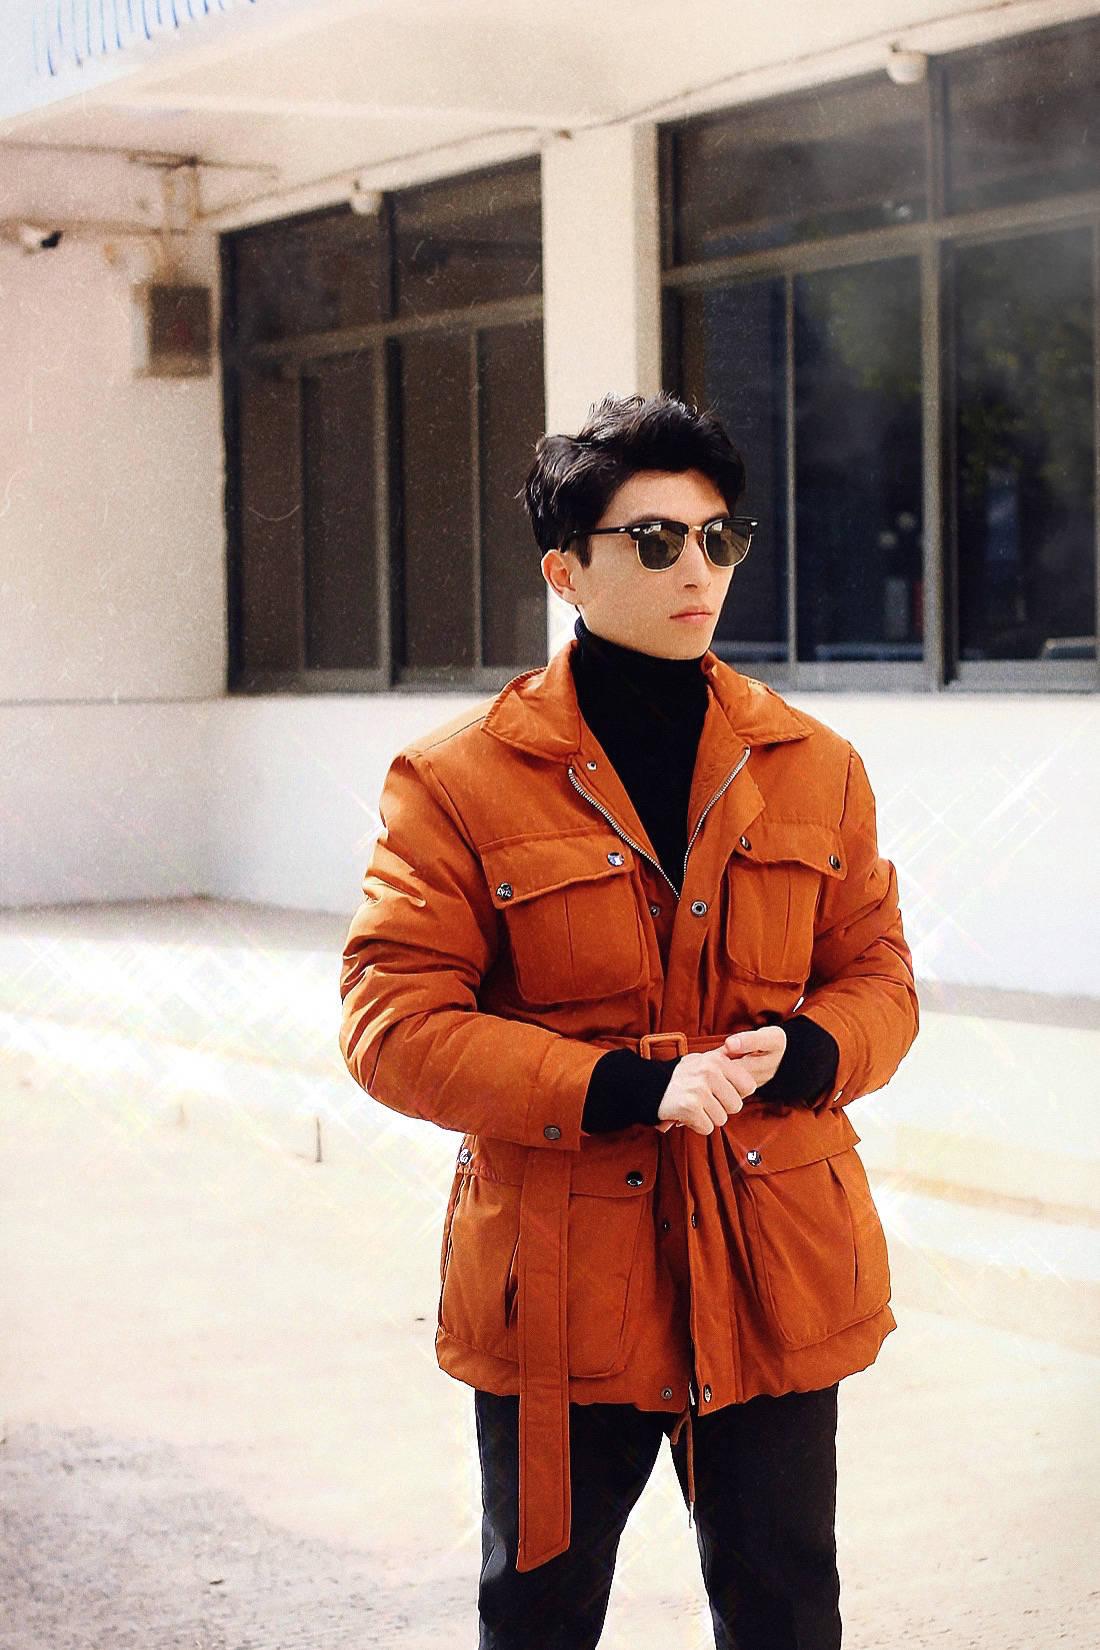 【男士时尚】丨橘色夹克混搭,生活随拍记录...                                   图2